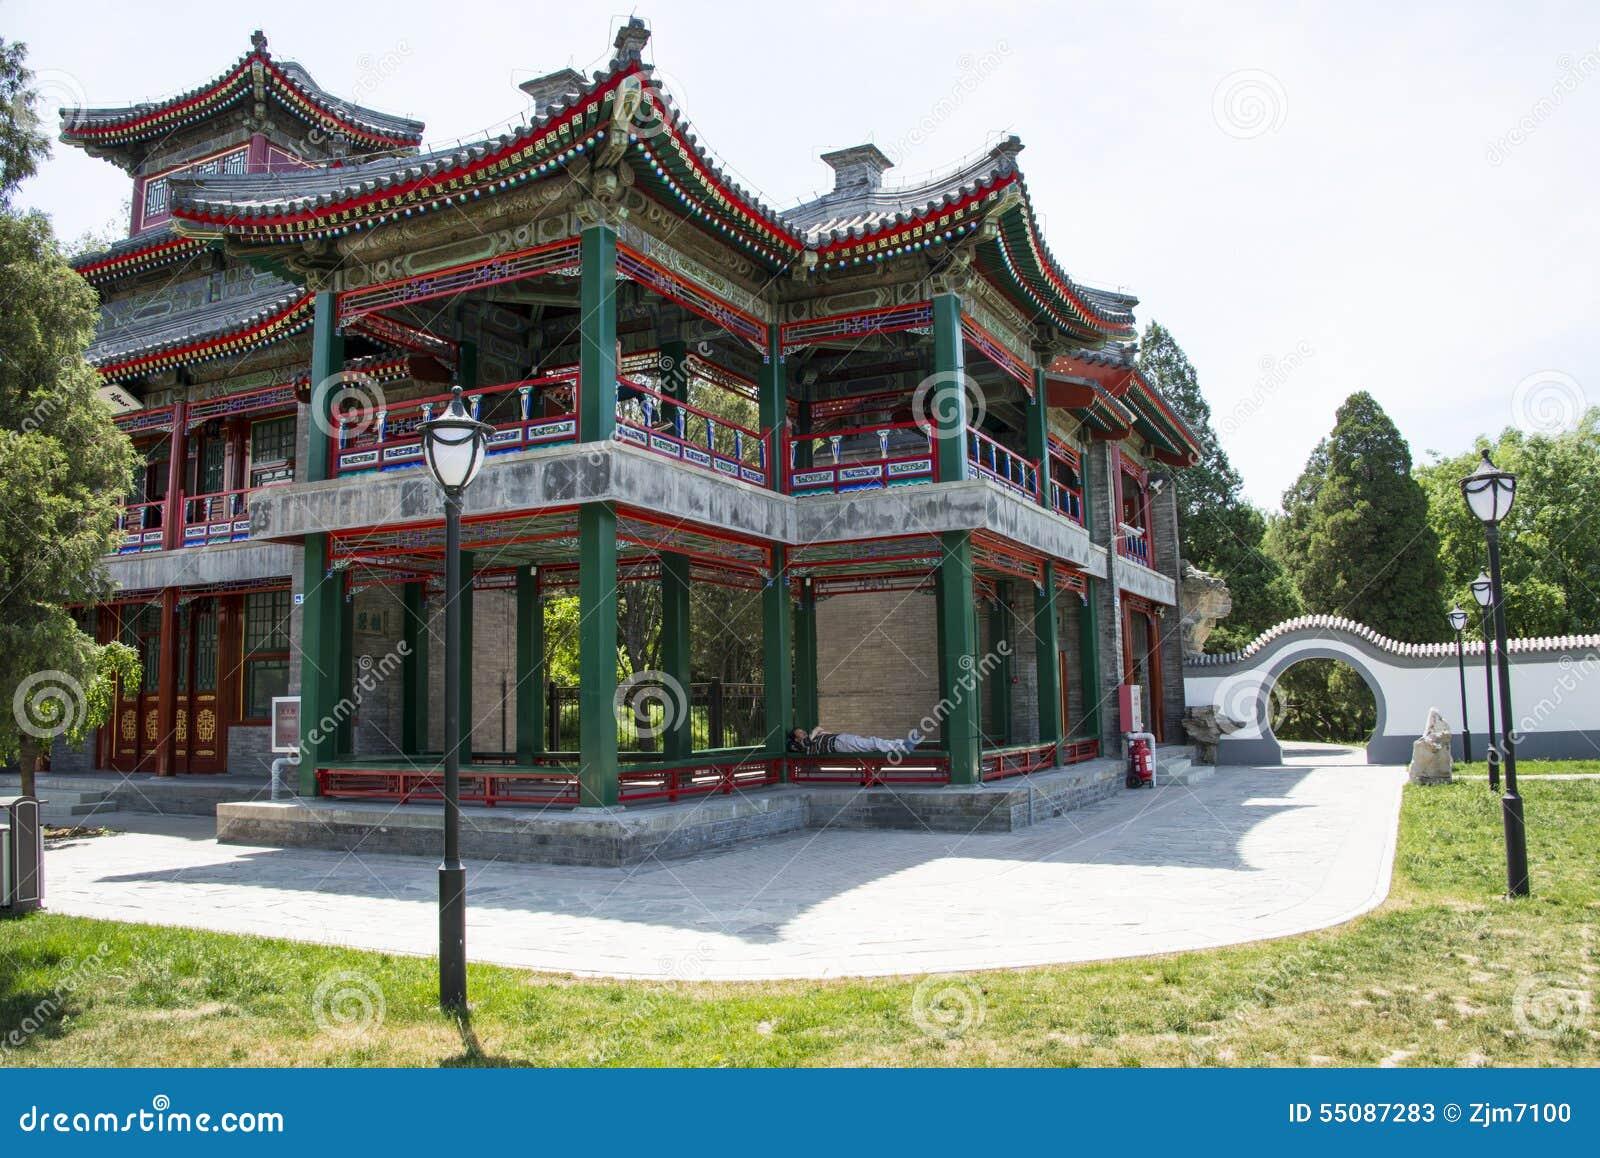 Chino De Asia Pekín Parque De Taoranting Arquitectura De